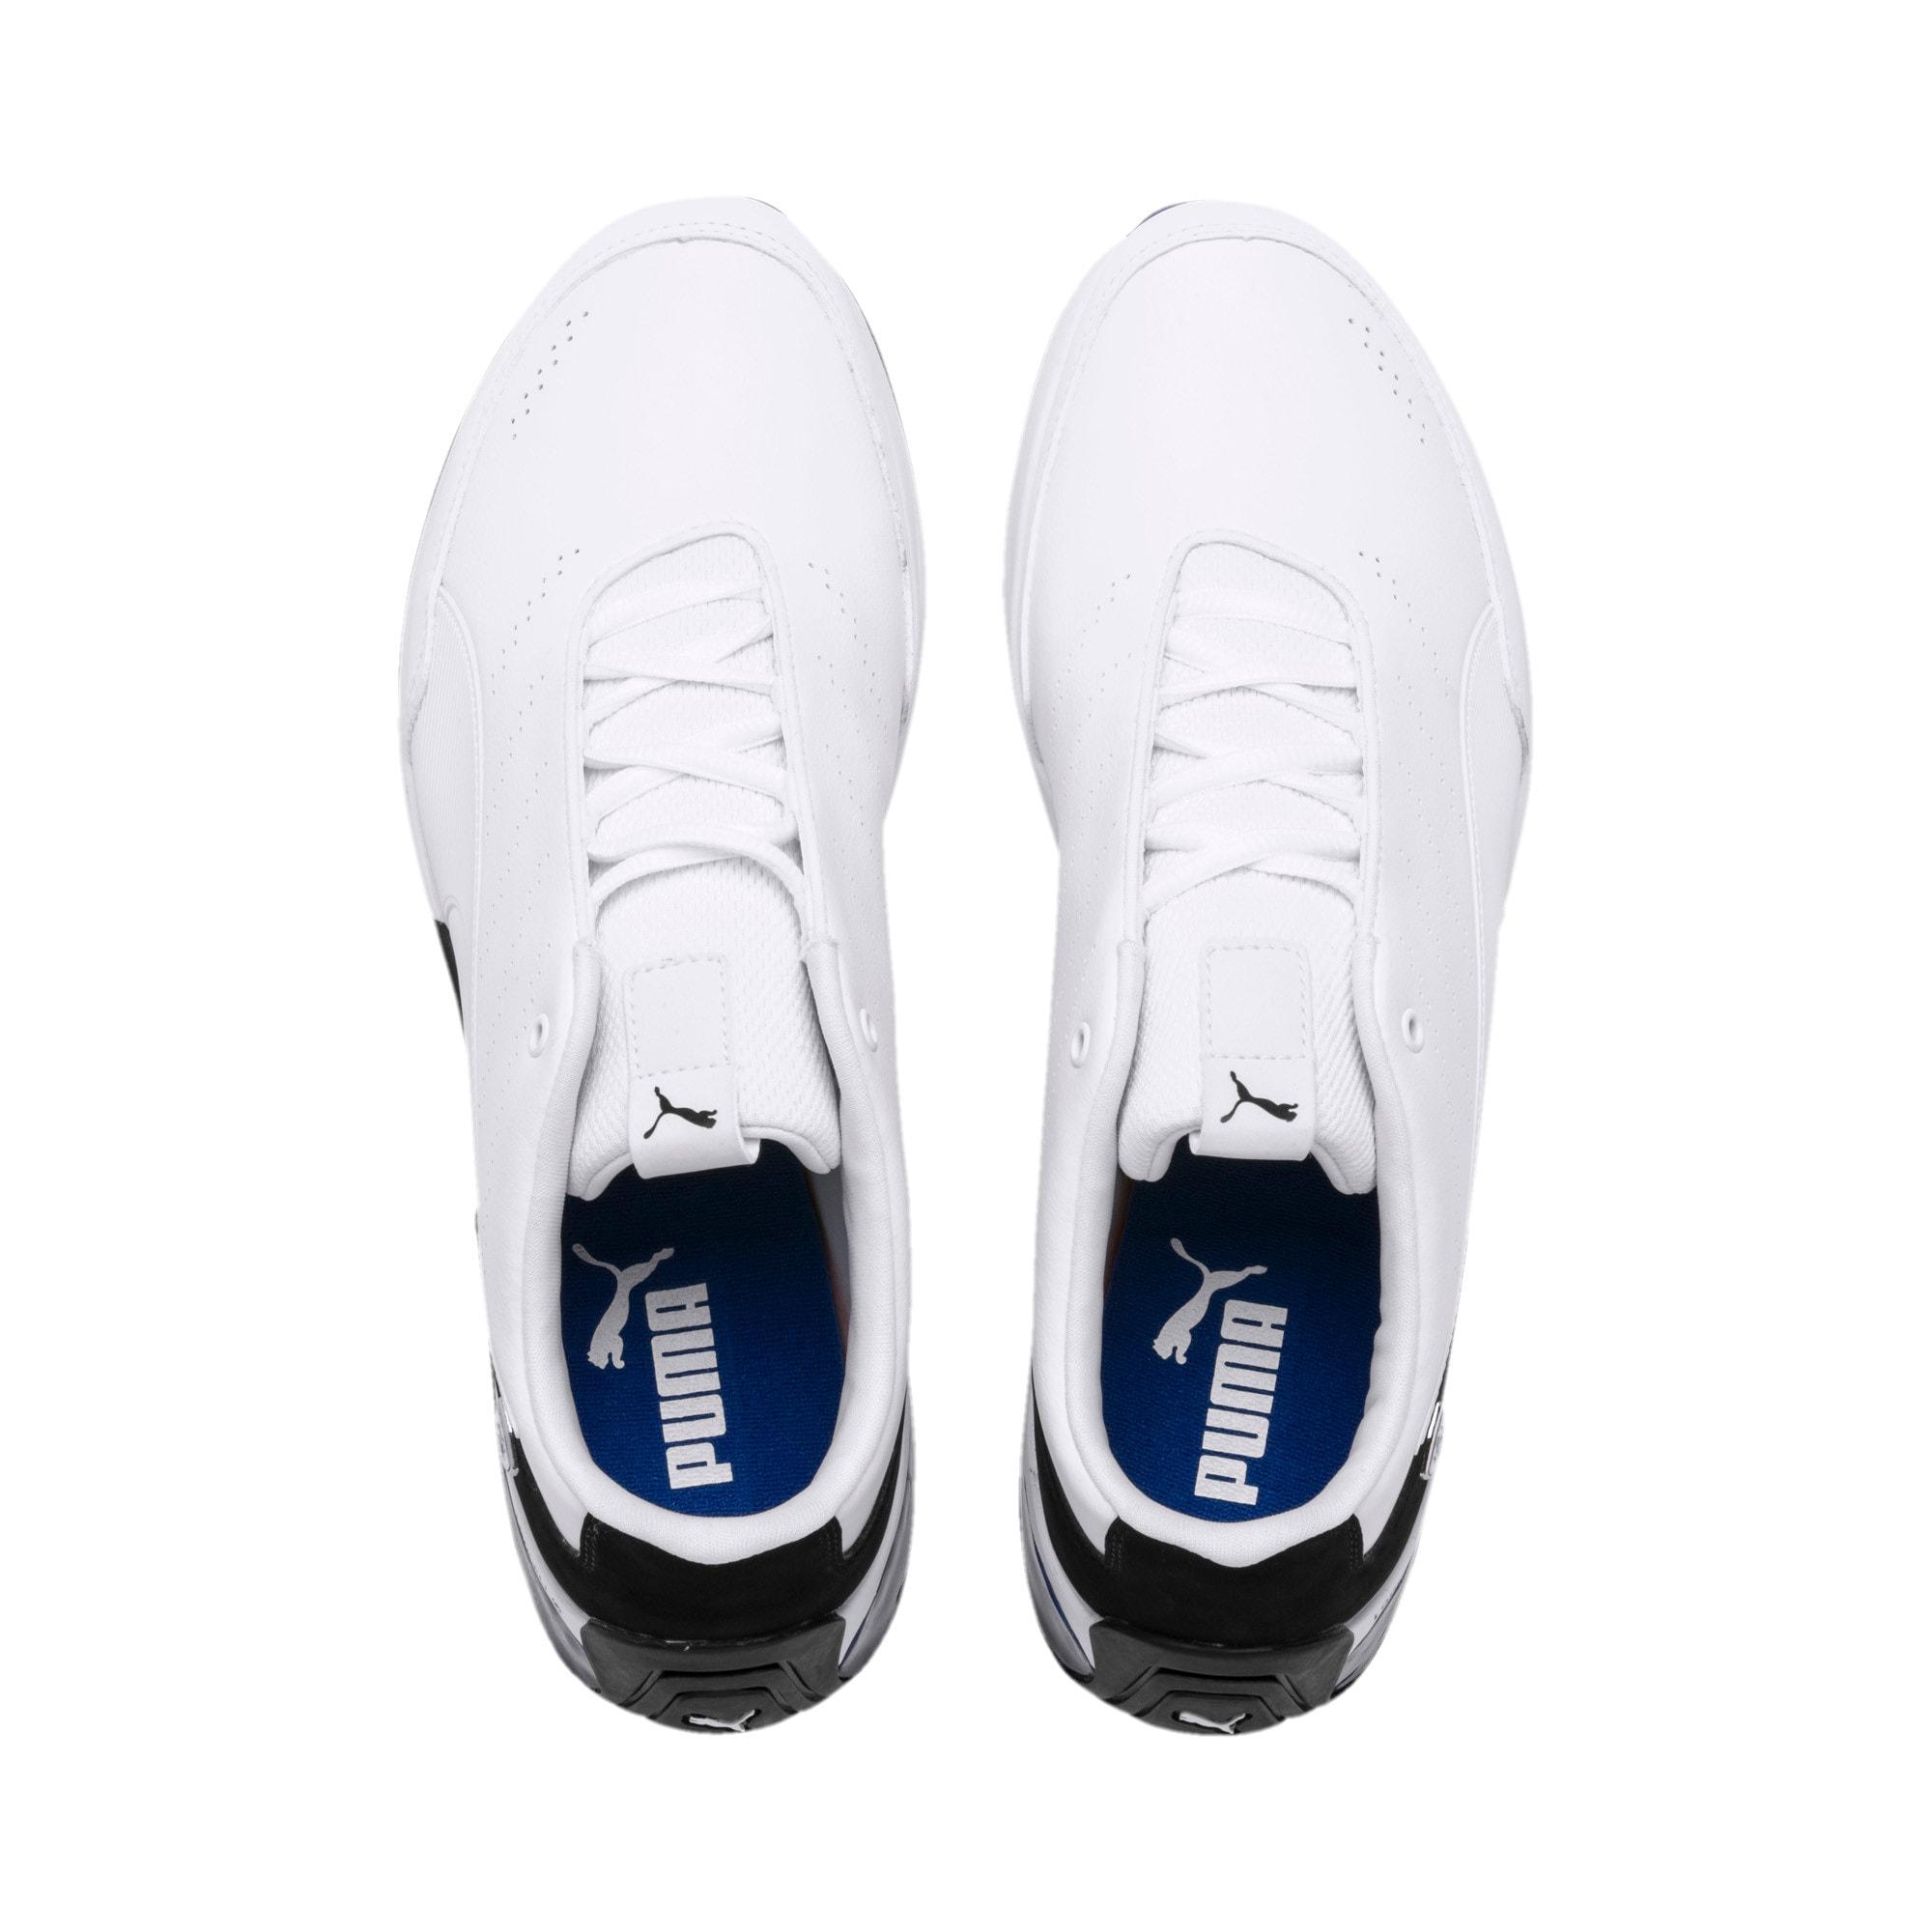 Miniatura 7 de Zapatos de entrenamiento Scuderia Ferrari Kart Cat X, Puma White-Puma Black, mediano